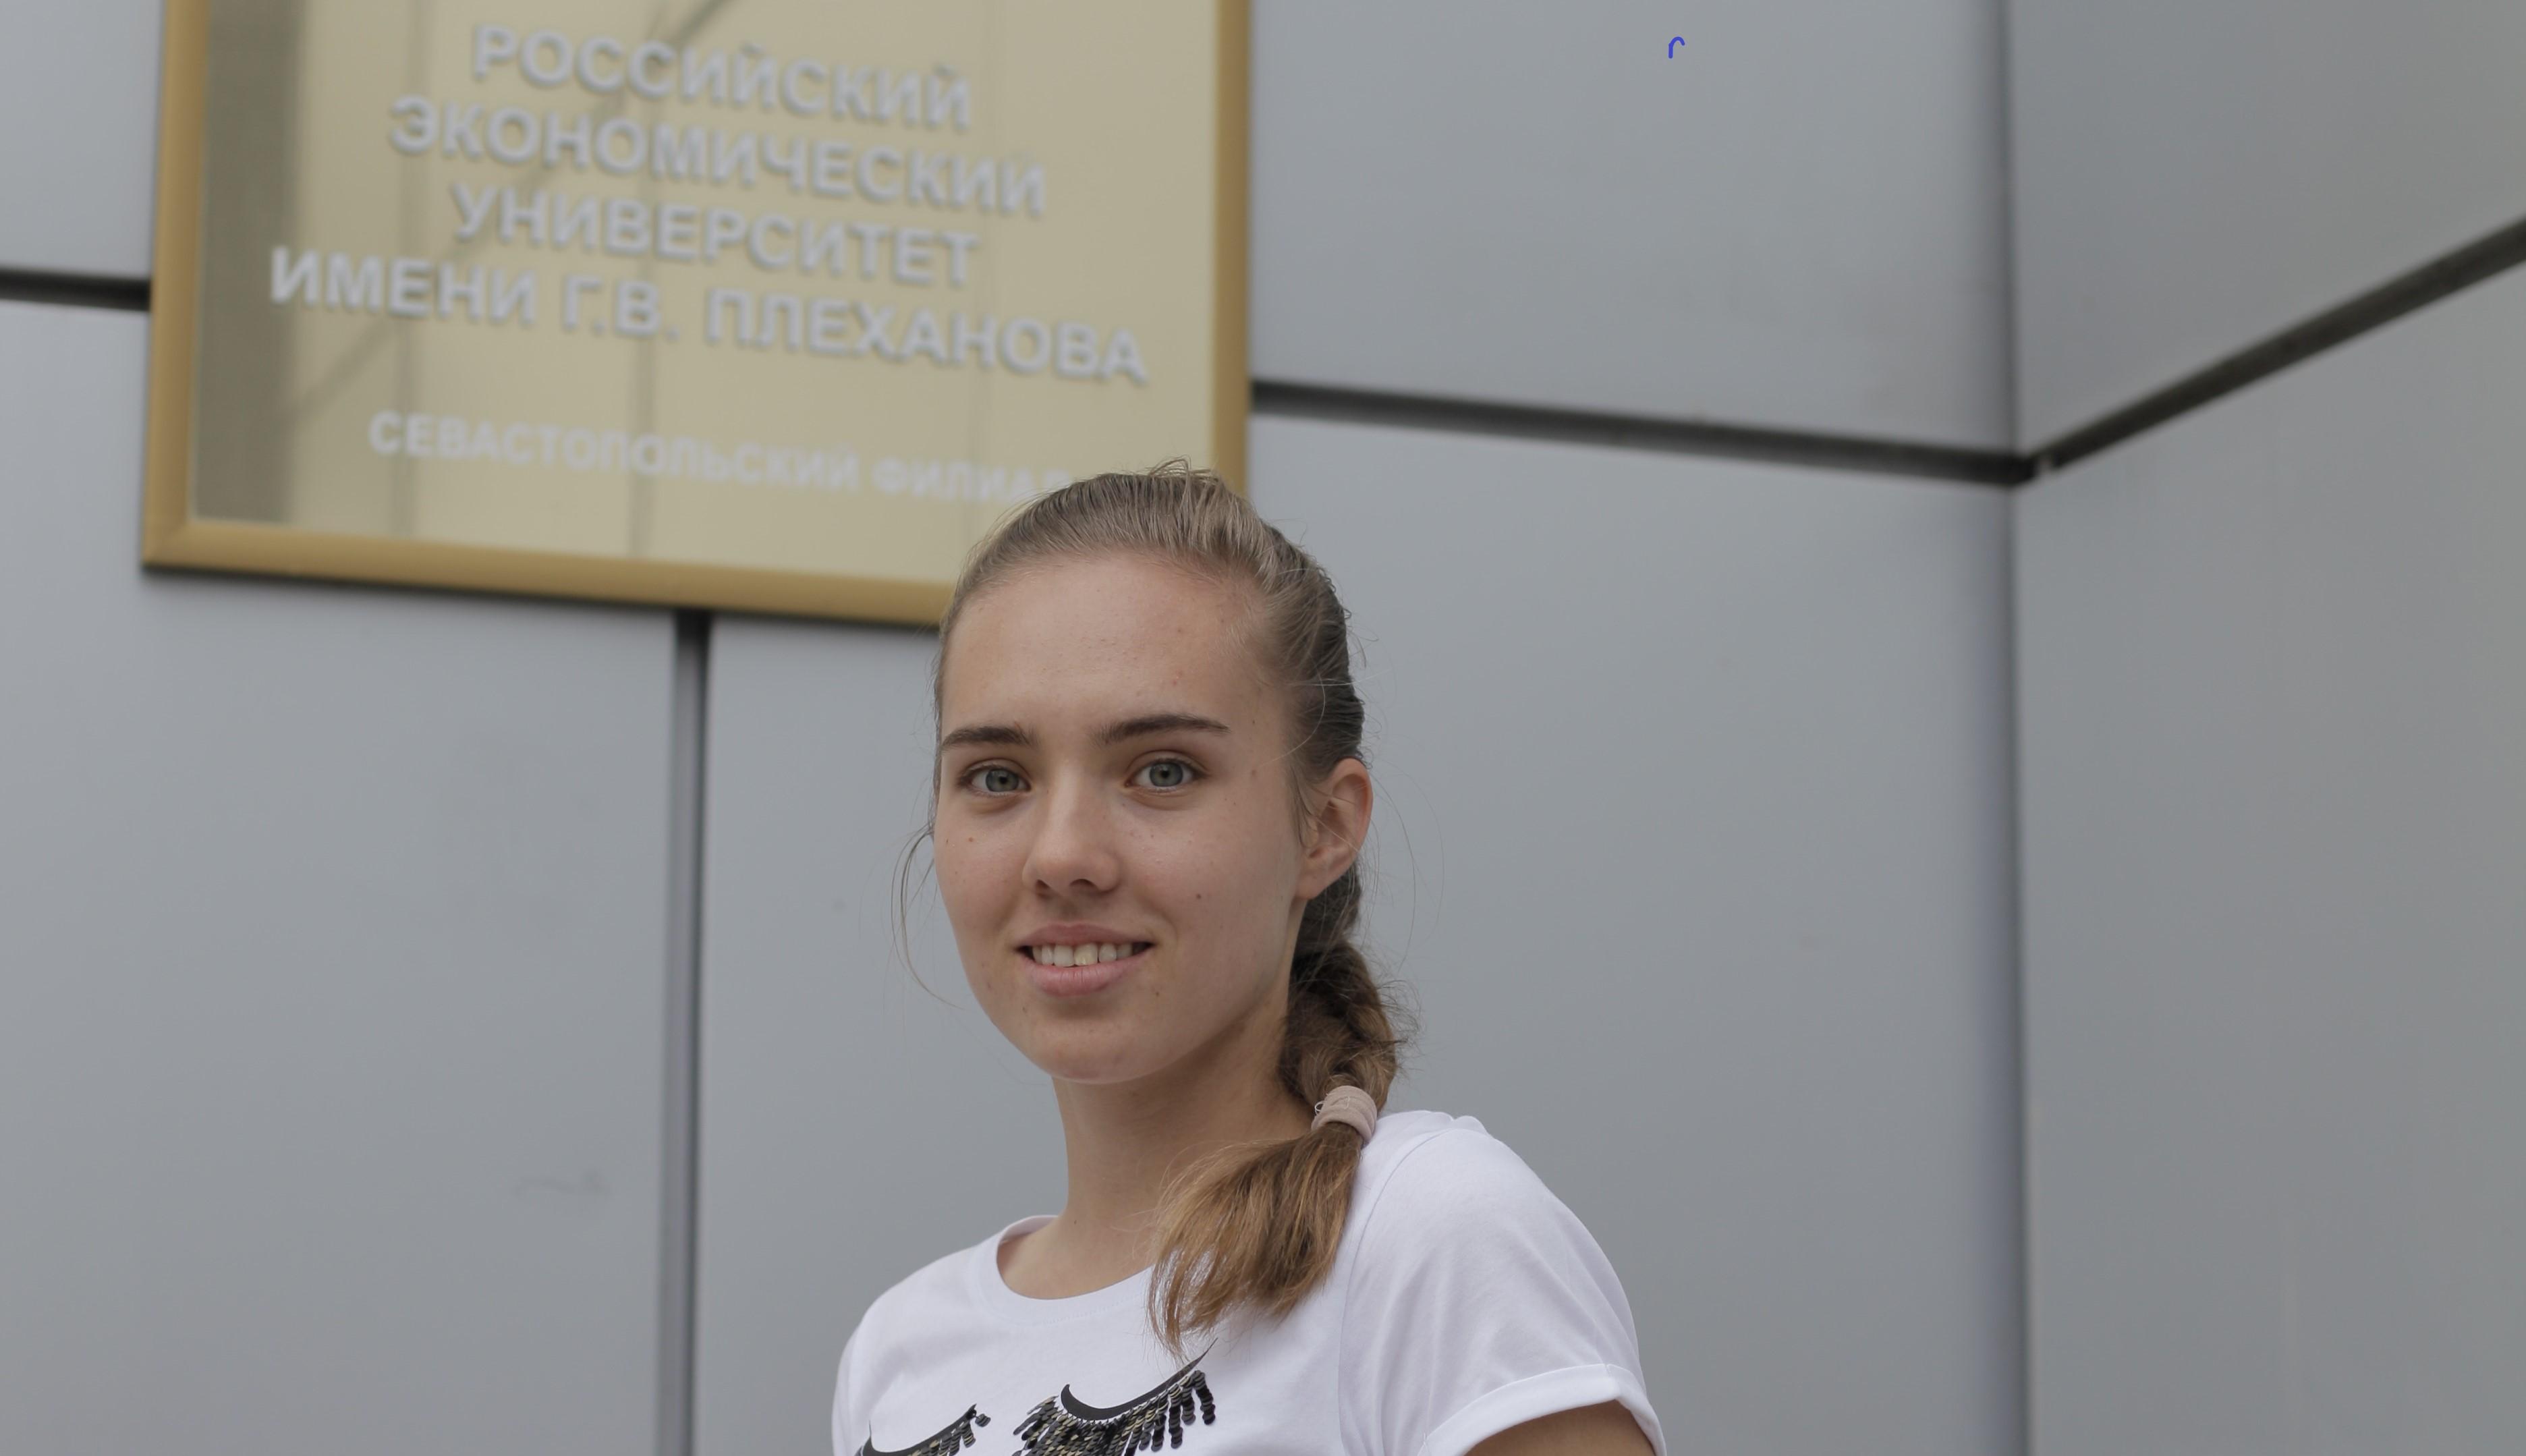 Бережнова Юлиана - руководитель волонтерского сектора.